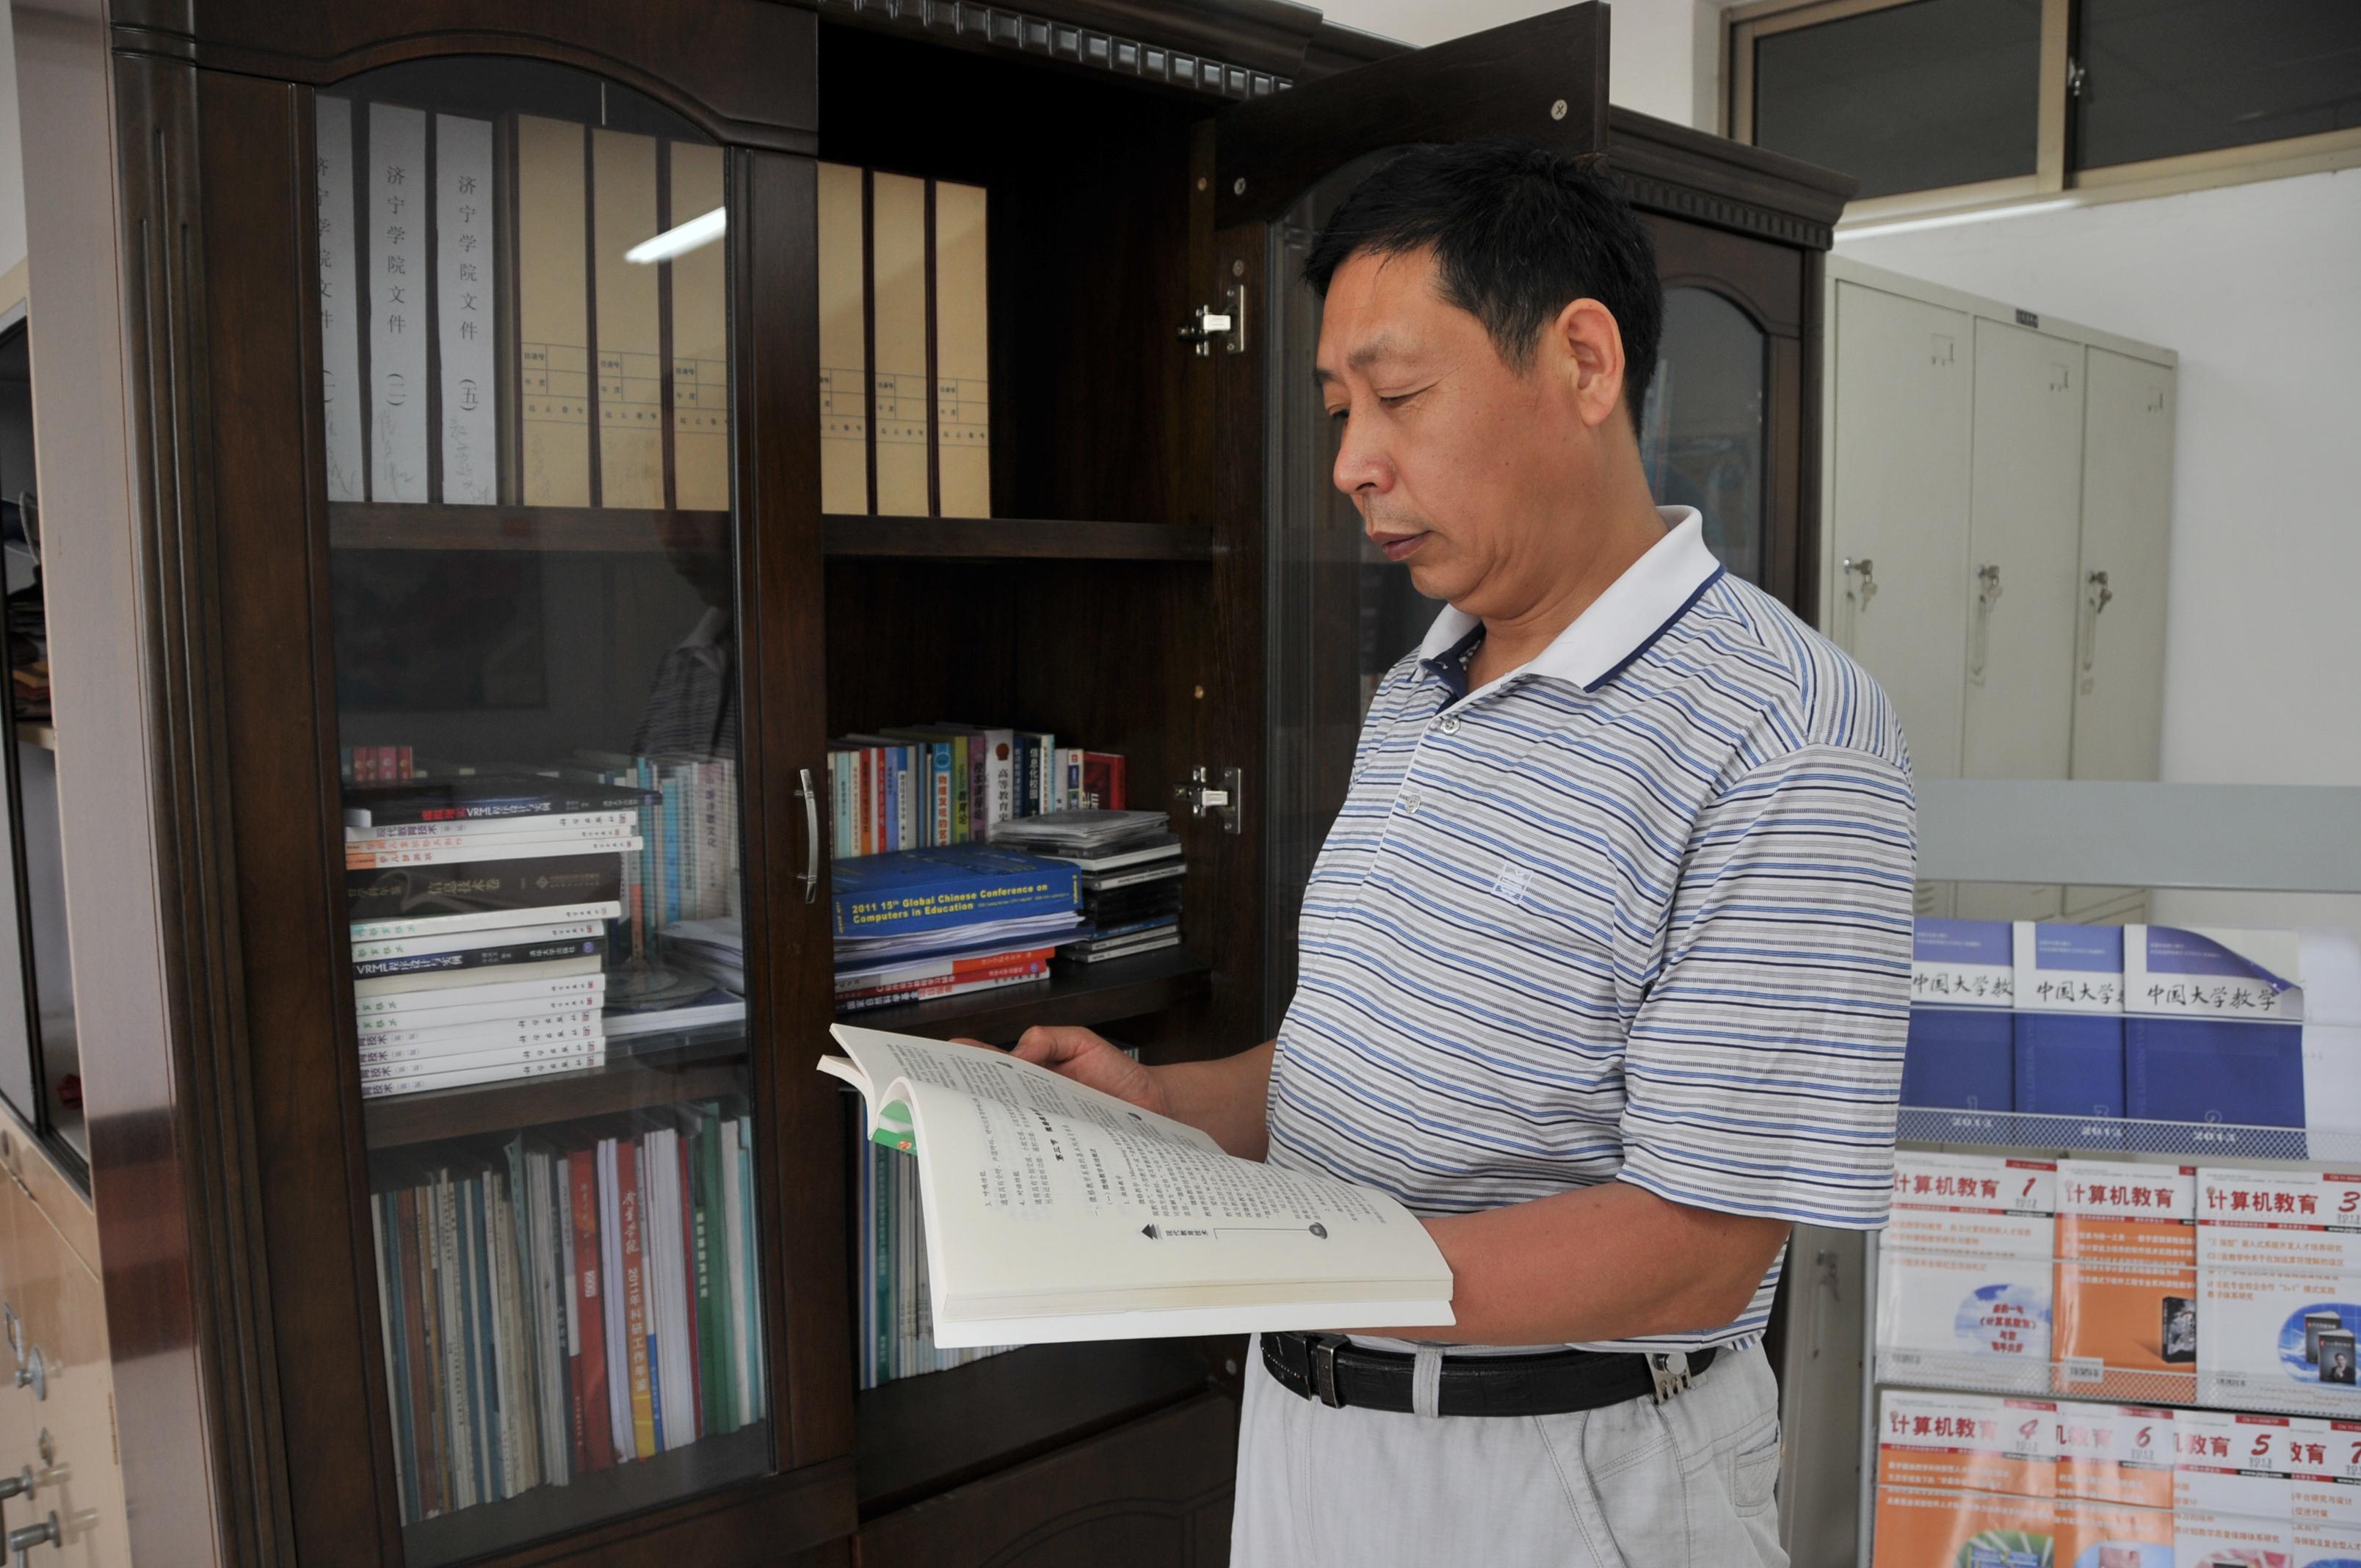 2014年济宁学院_薛庆文 教授-济宁学院人事信息网